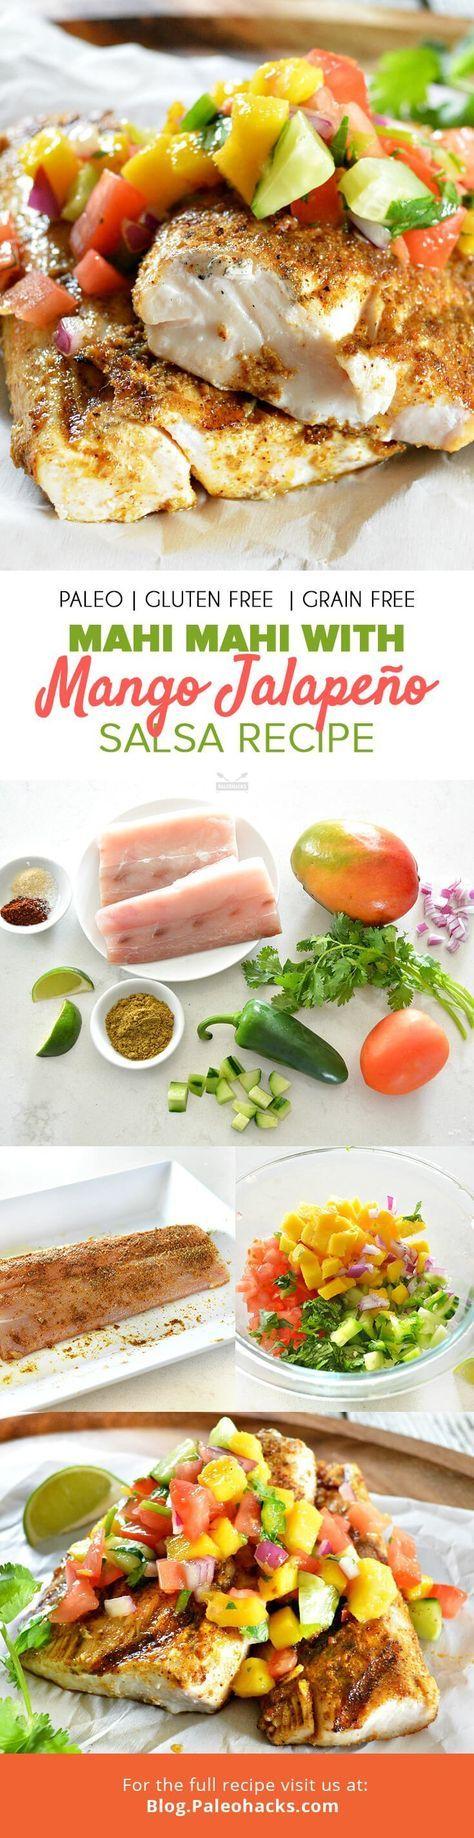 This Tropical Mahi Mahi Recipe Will Rival Your Favorite Taco Shop